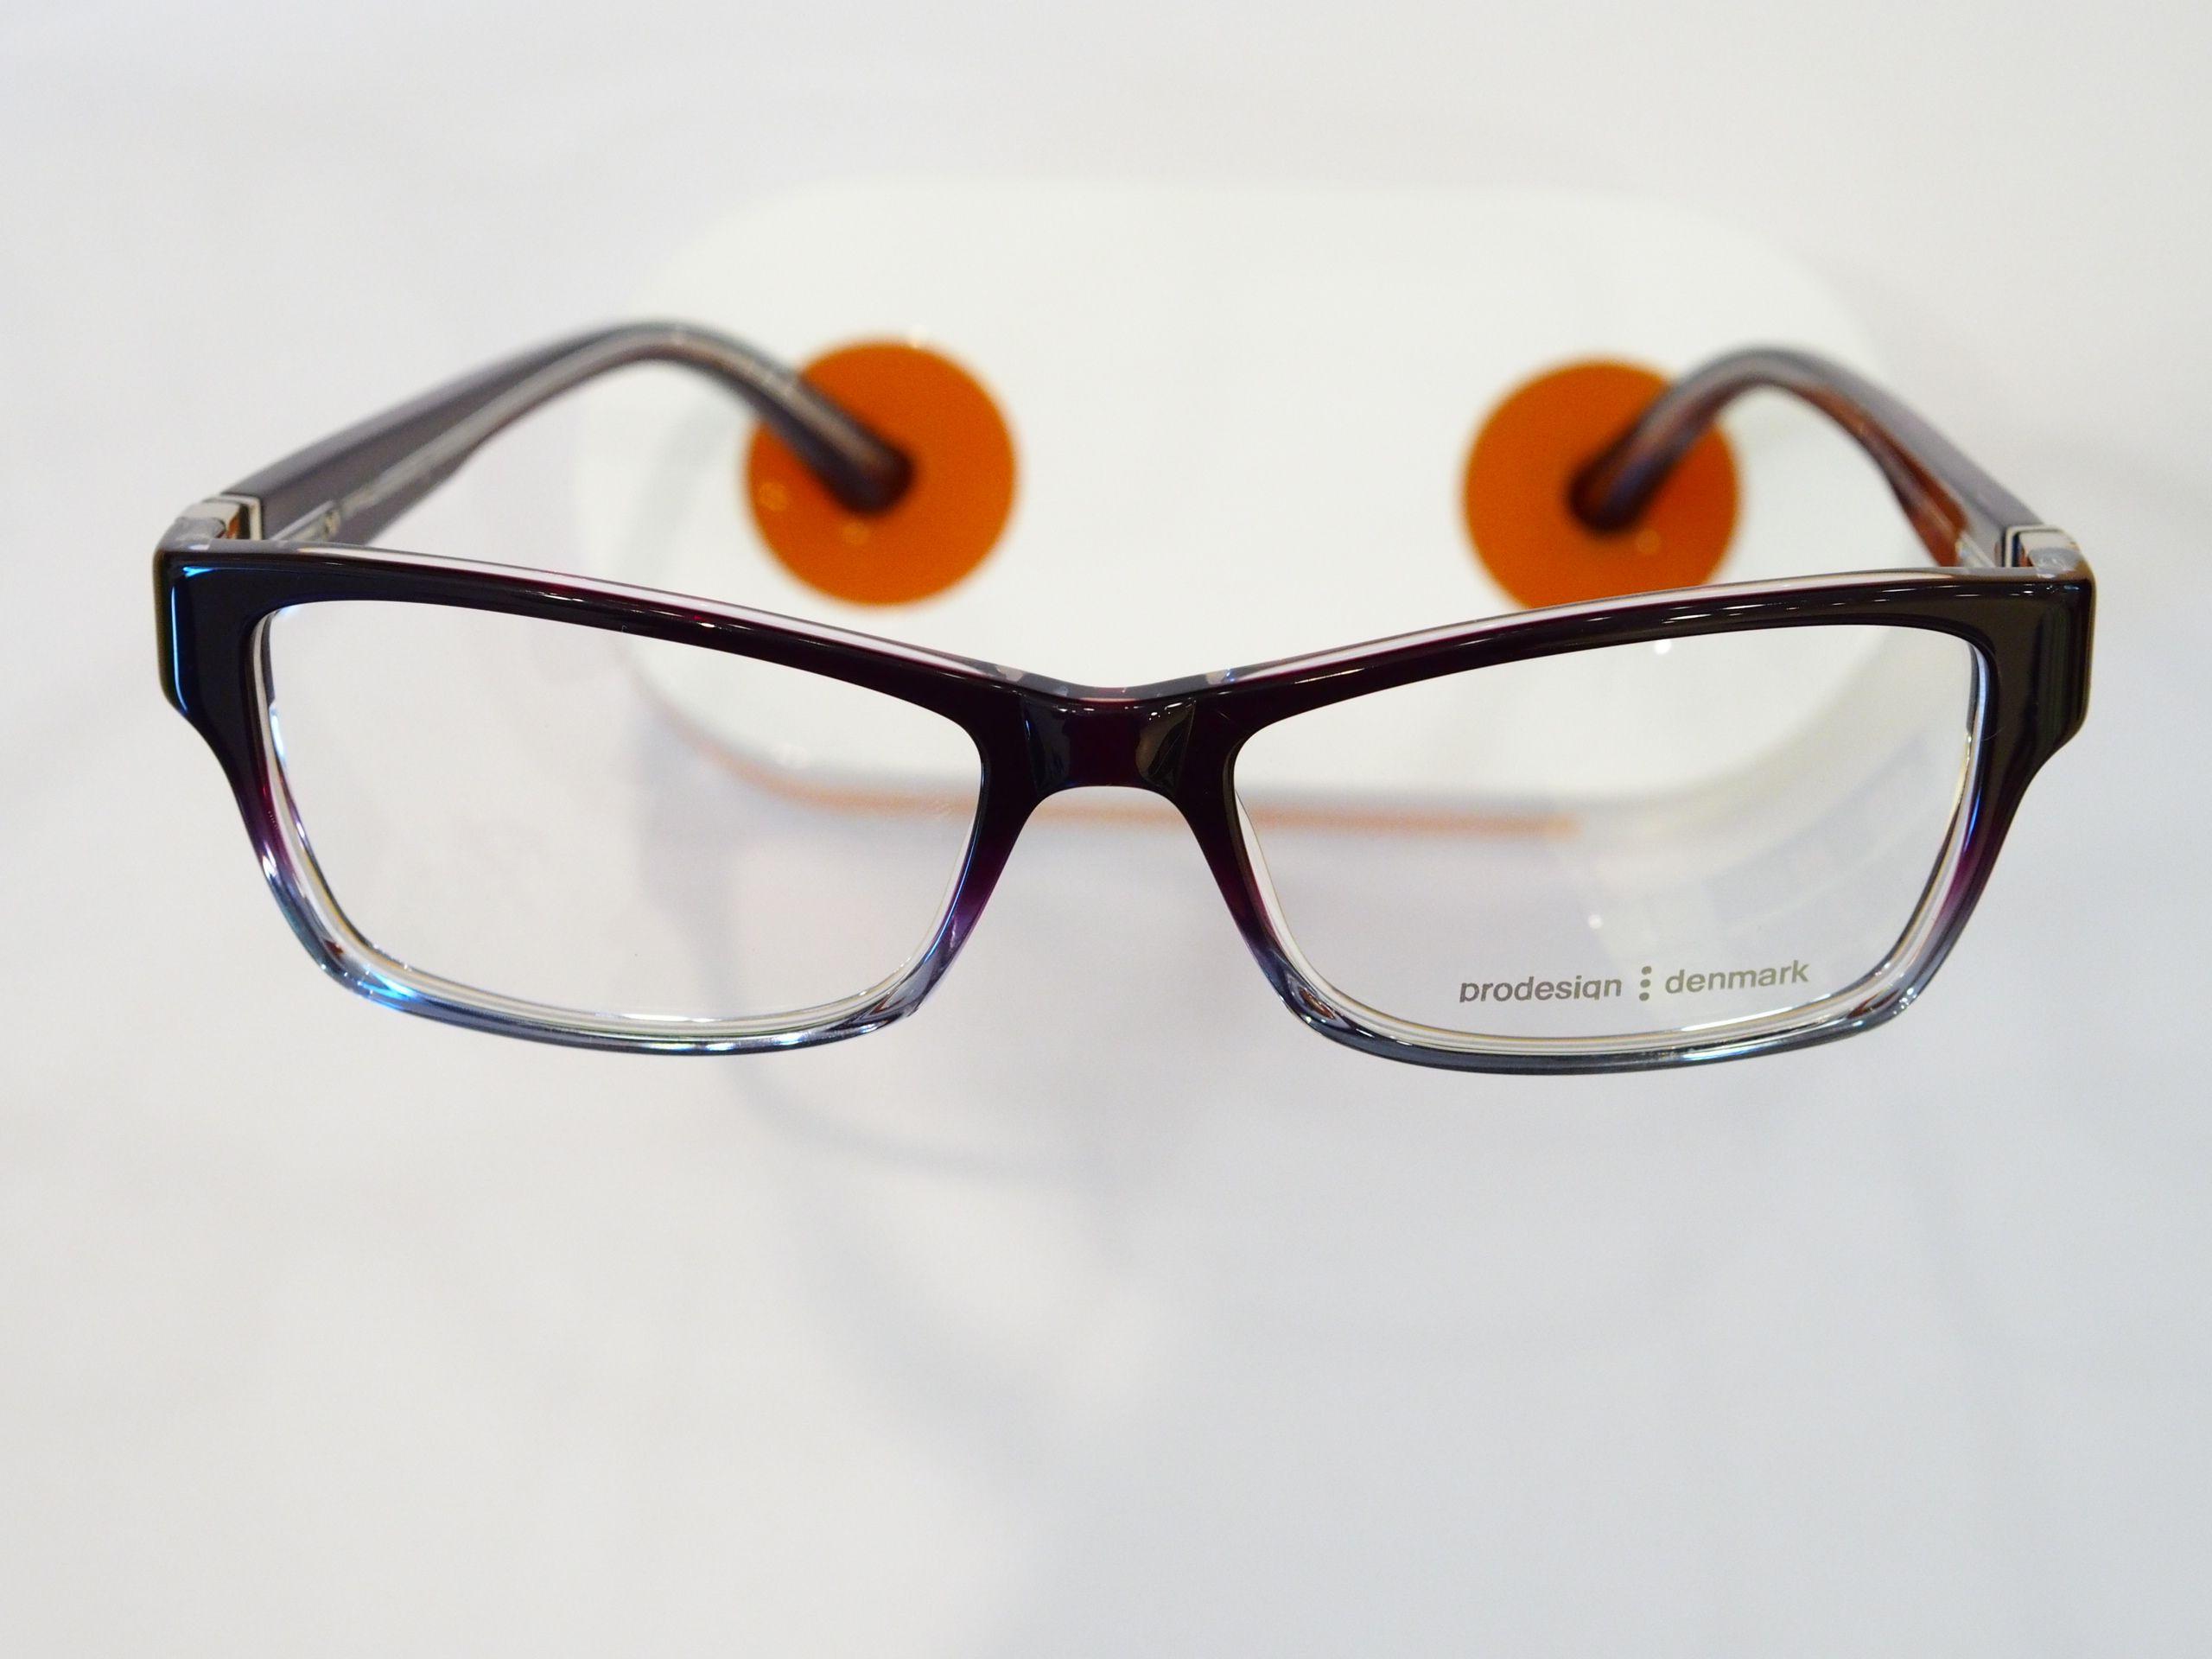 Glasses Frames Prodesign : Prodesign Denmark Glasses Prodesign Denmark Glasses 2013 ...